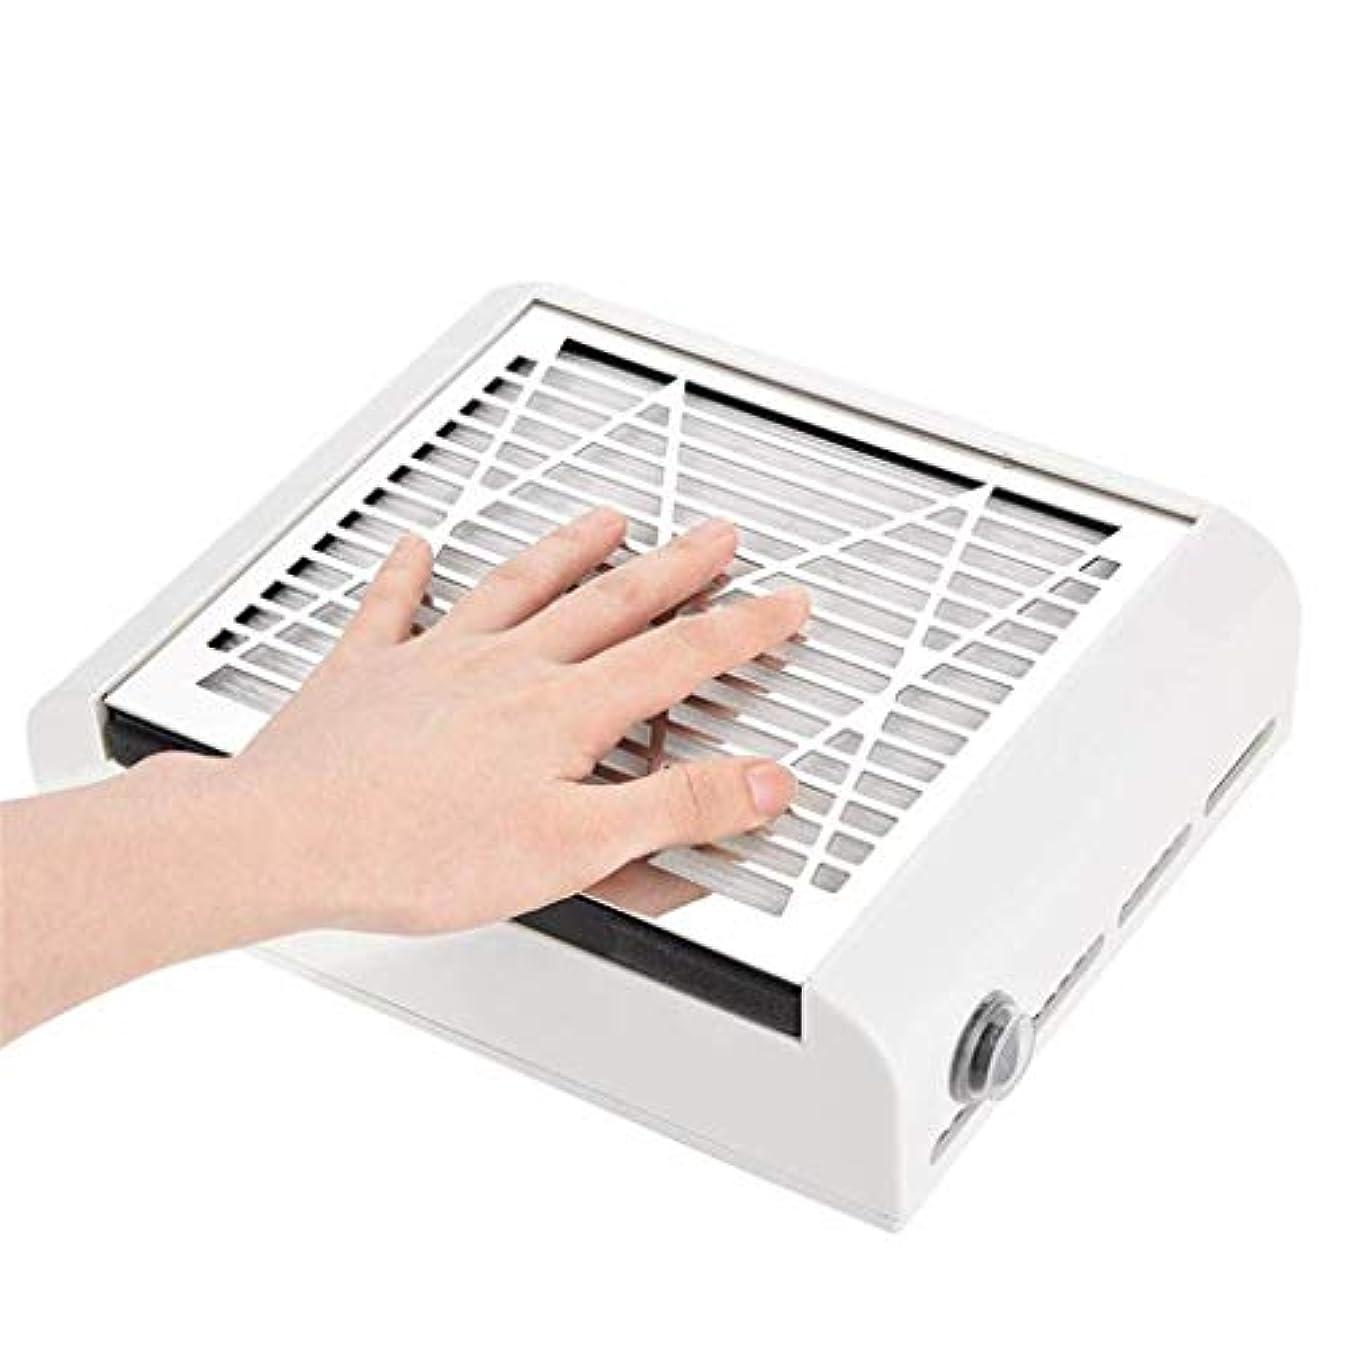 鎮静剤劇作家あいまい40Wネイル集塵機マニキュアマシン吸引ネイルドリルダスト爪ダートプロフェッショナル強力な掃除機のファン